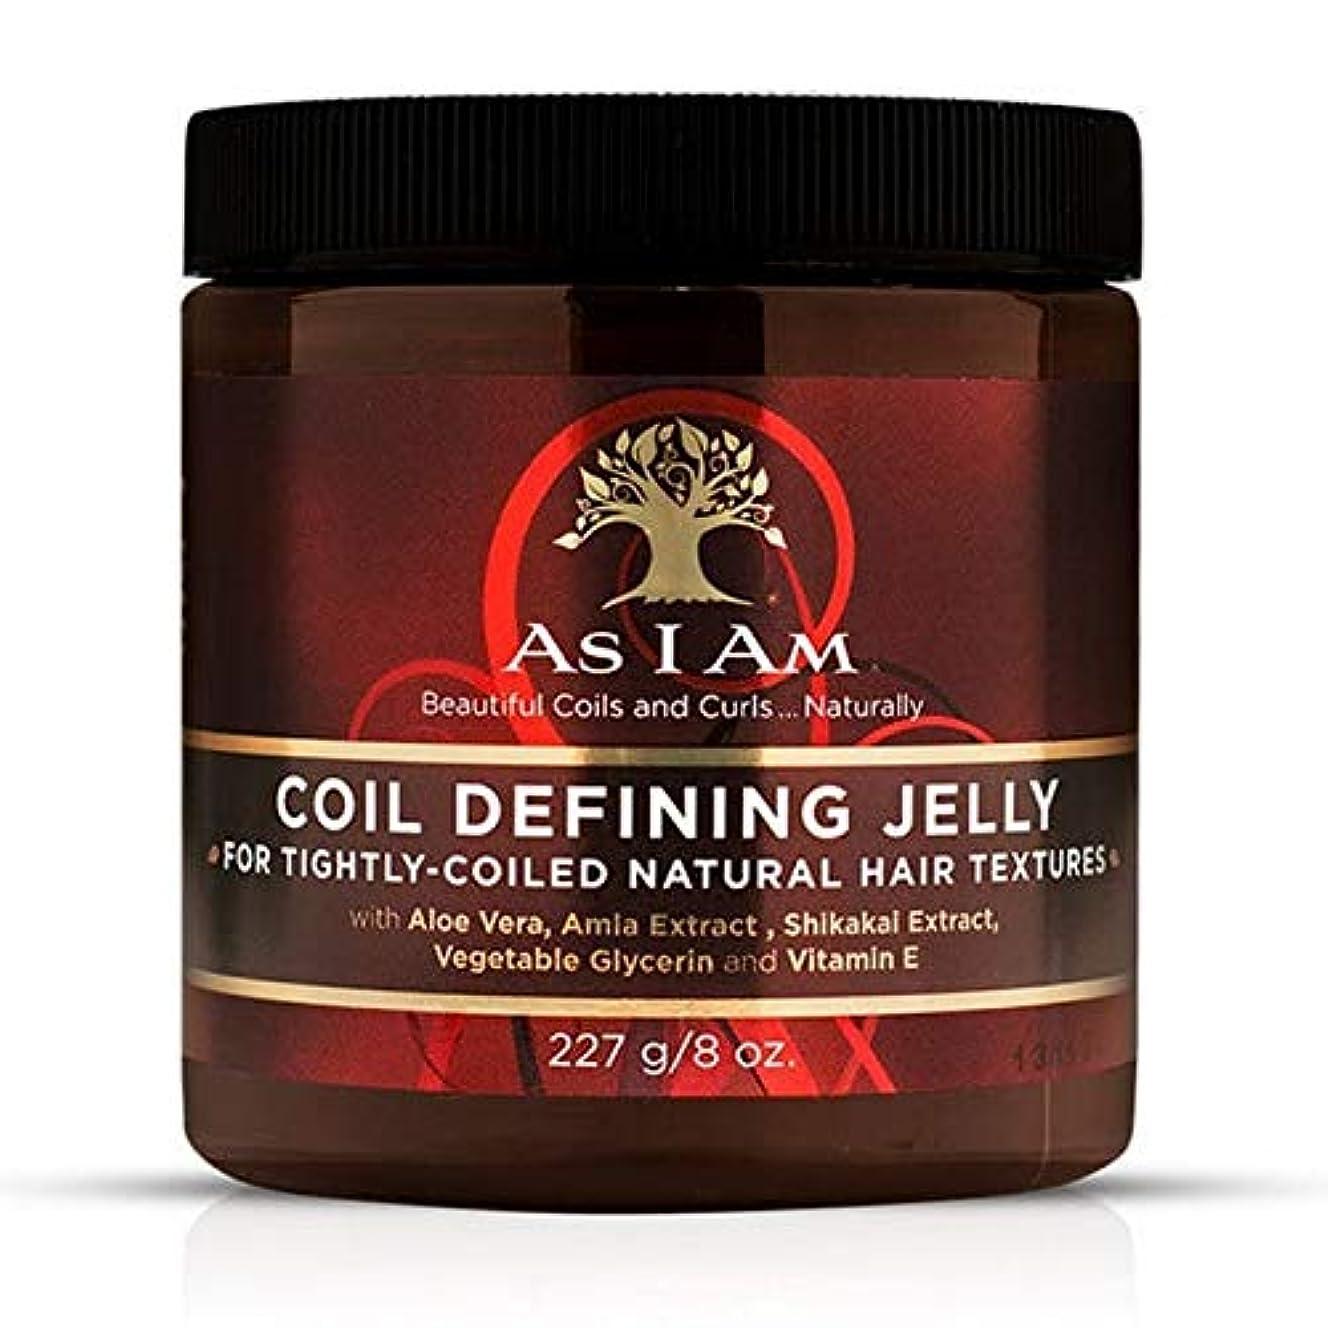 サリーソート事務所[AS I AM] 私はスタイリングゼリー227グラムを定義するコイル当然だとして - AS I AM Naturally Coil Defining Styling Jelly 227g [並行輸入品]